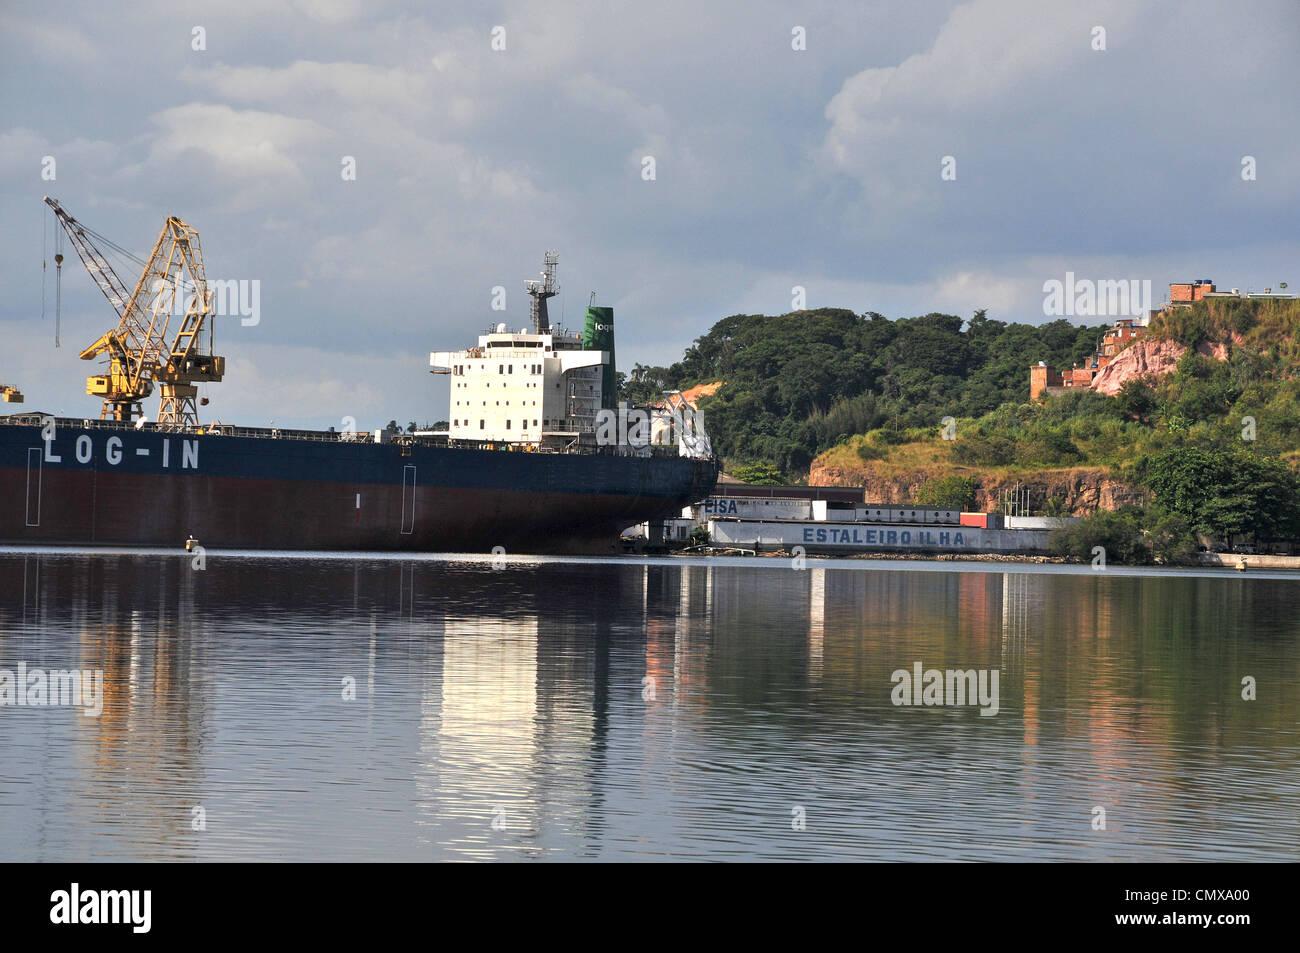 Ship during construction works in a shipyard Estaleiro Ilha EISA, Ilha do Governador, Rio,  Brazil - Stock Image